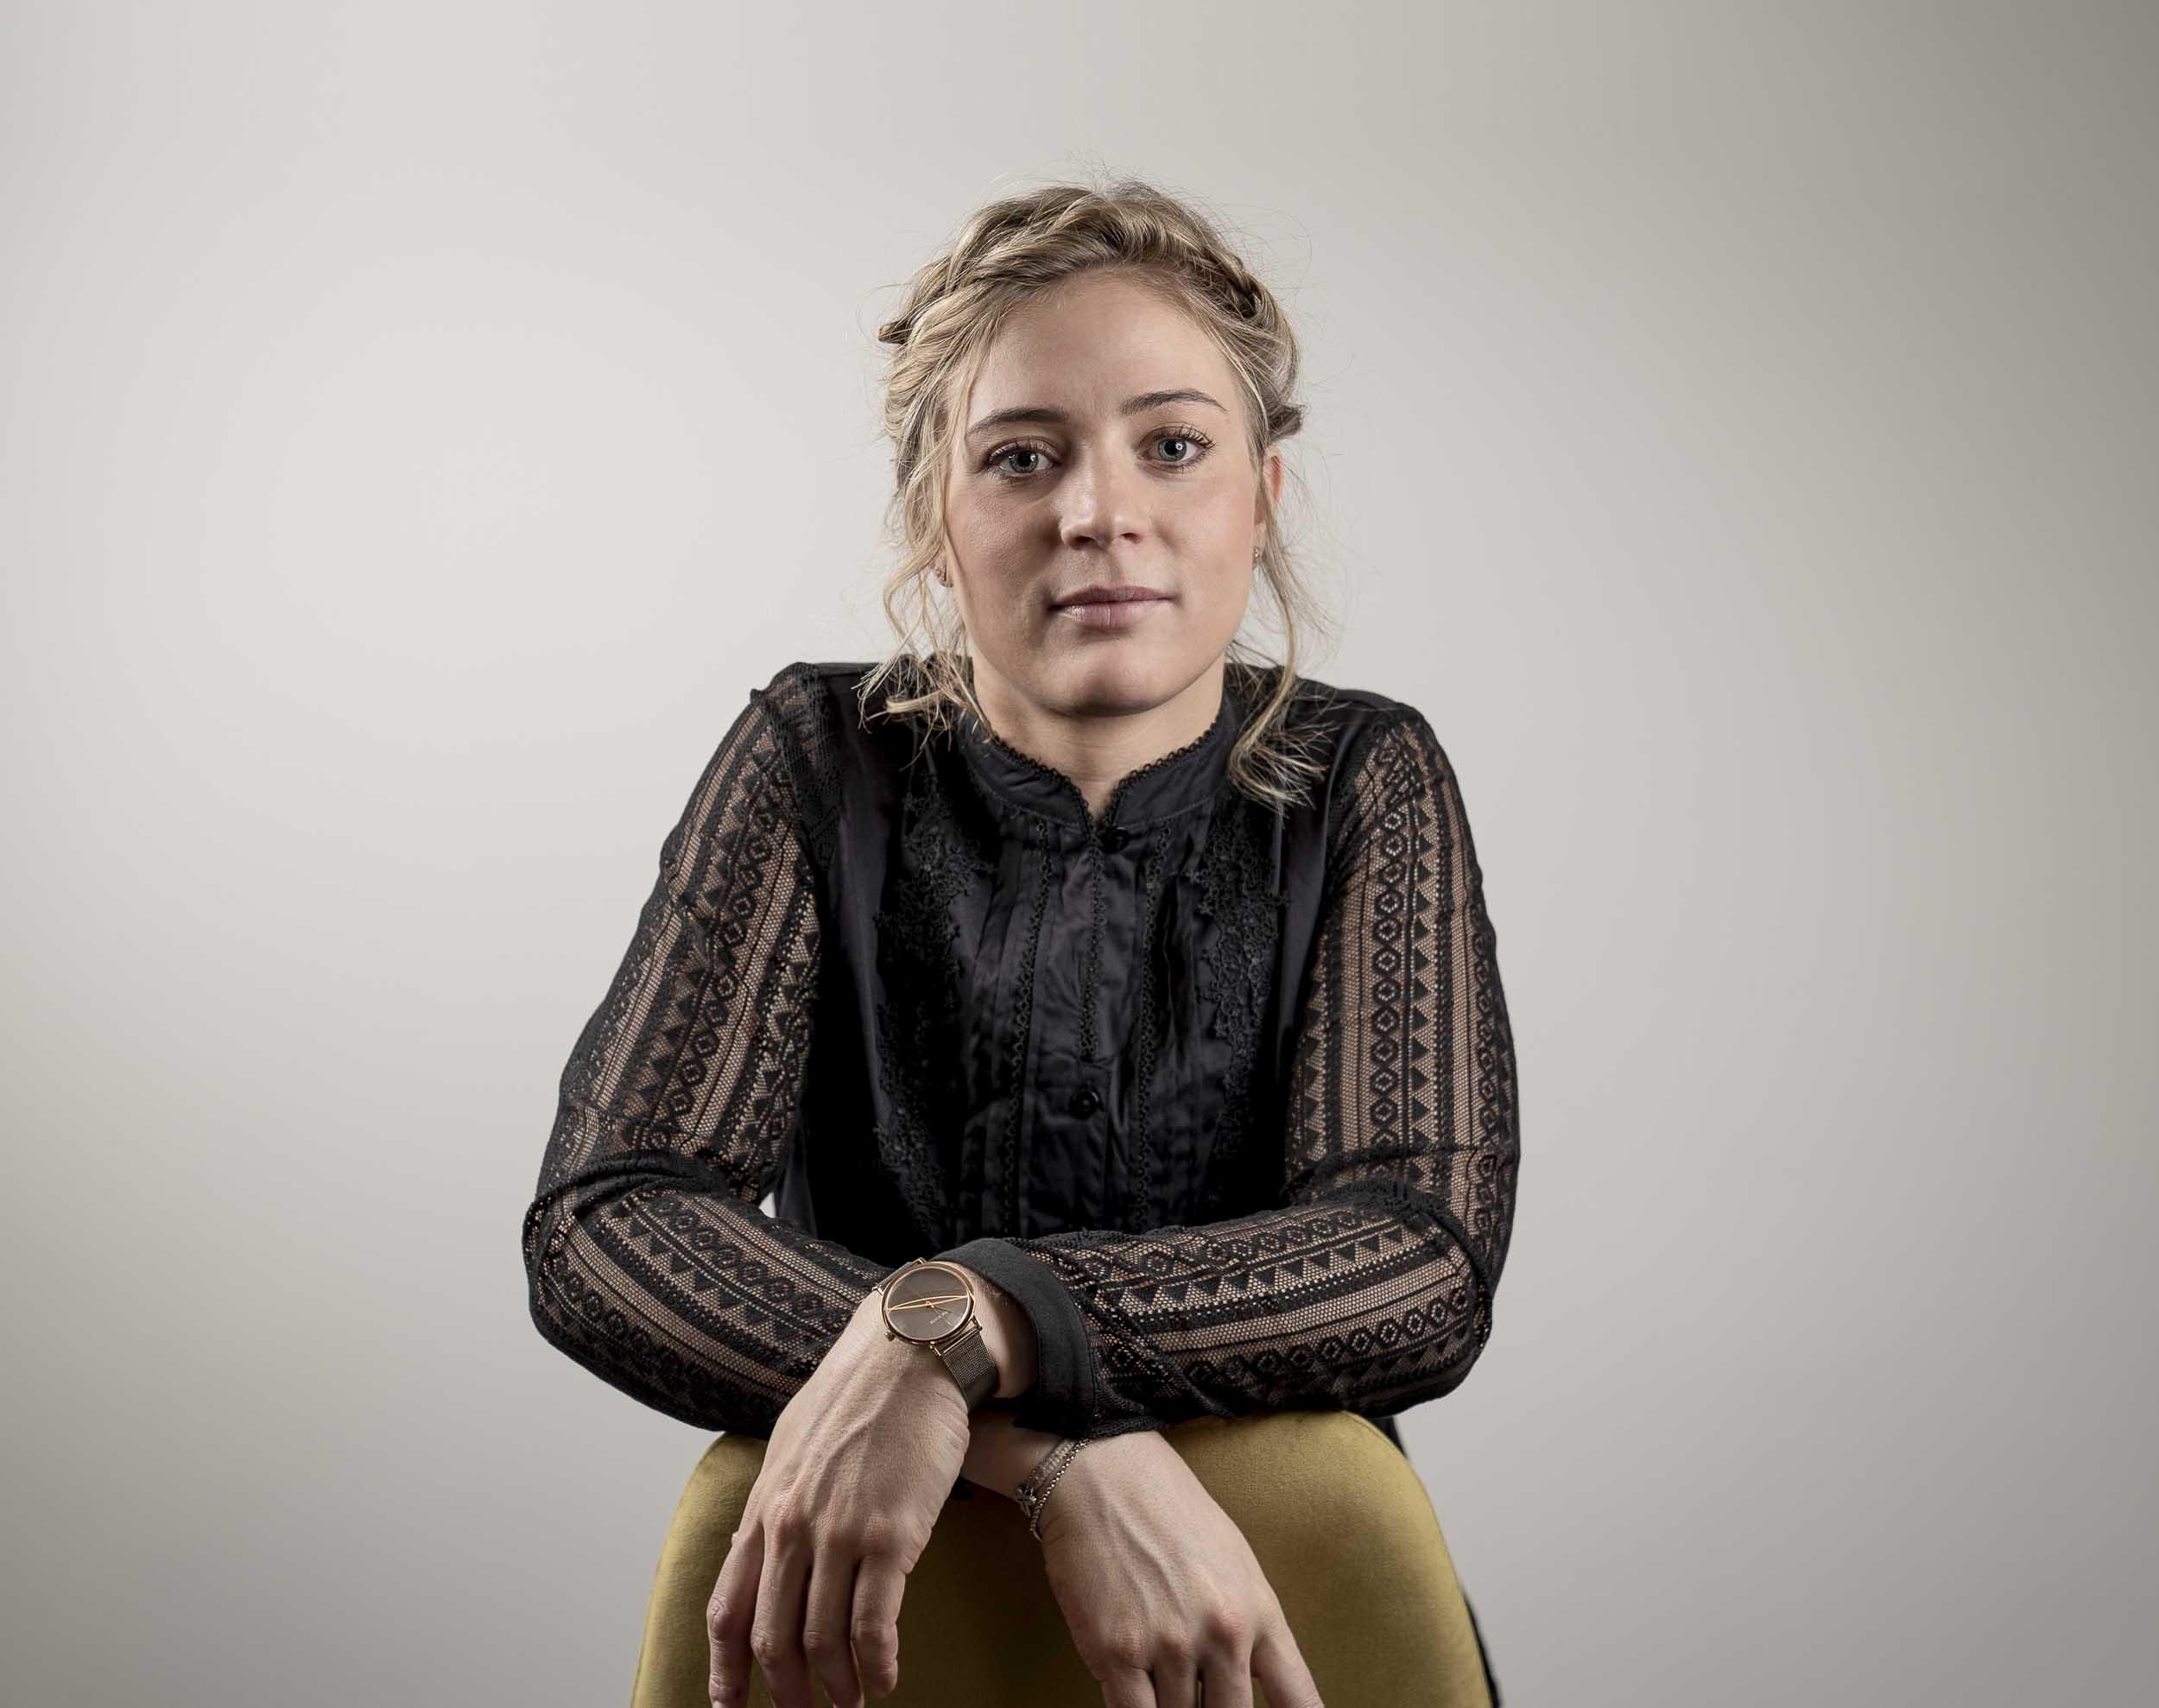 Anna-Katharina Feyersinger sitzt auf einem Stuhl und verschränkt ihre Hände.